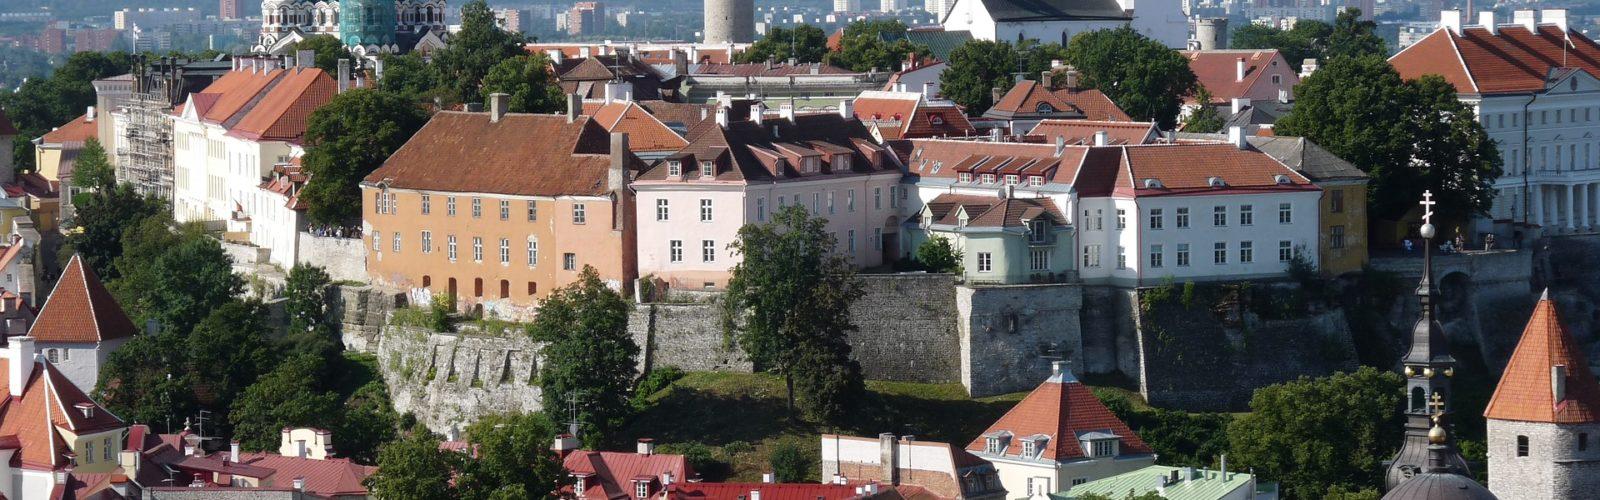 Hotellimatkat Tallinnaan